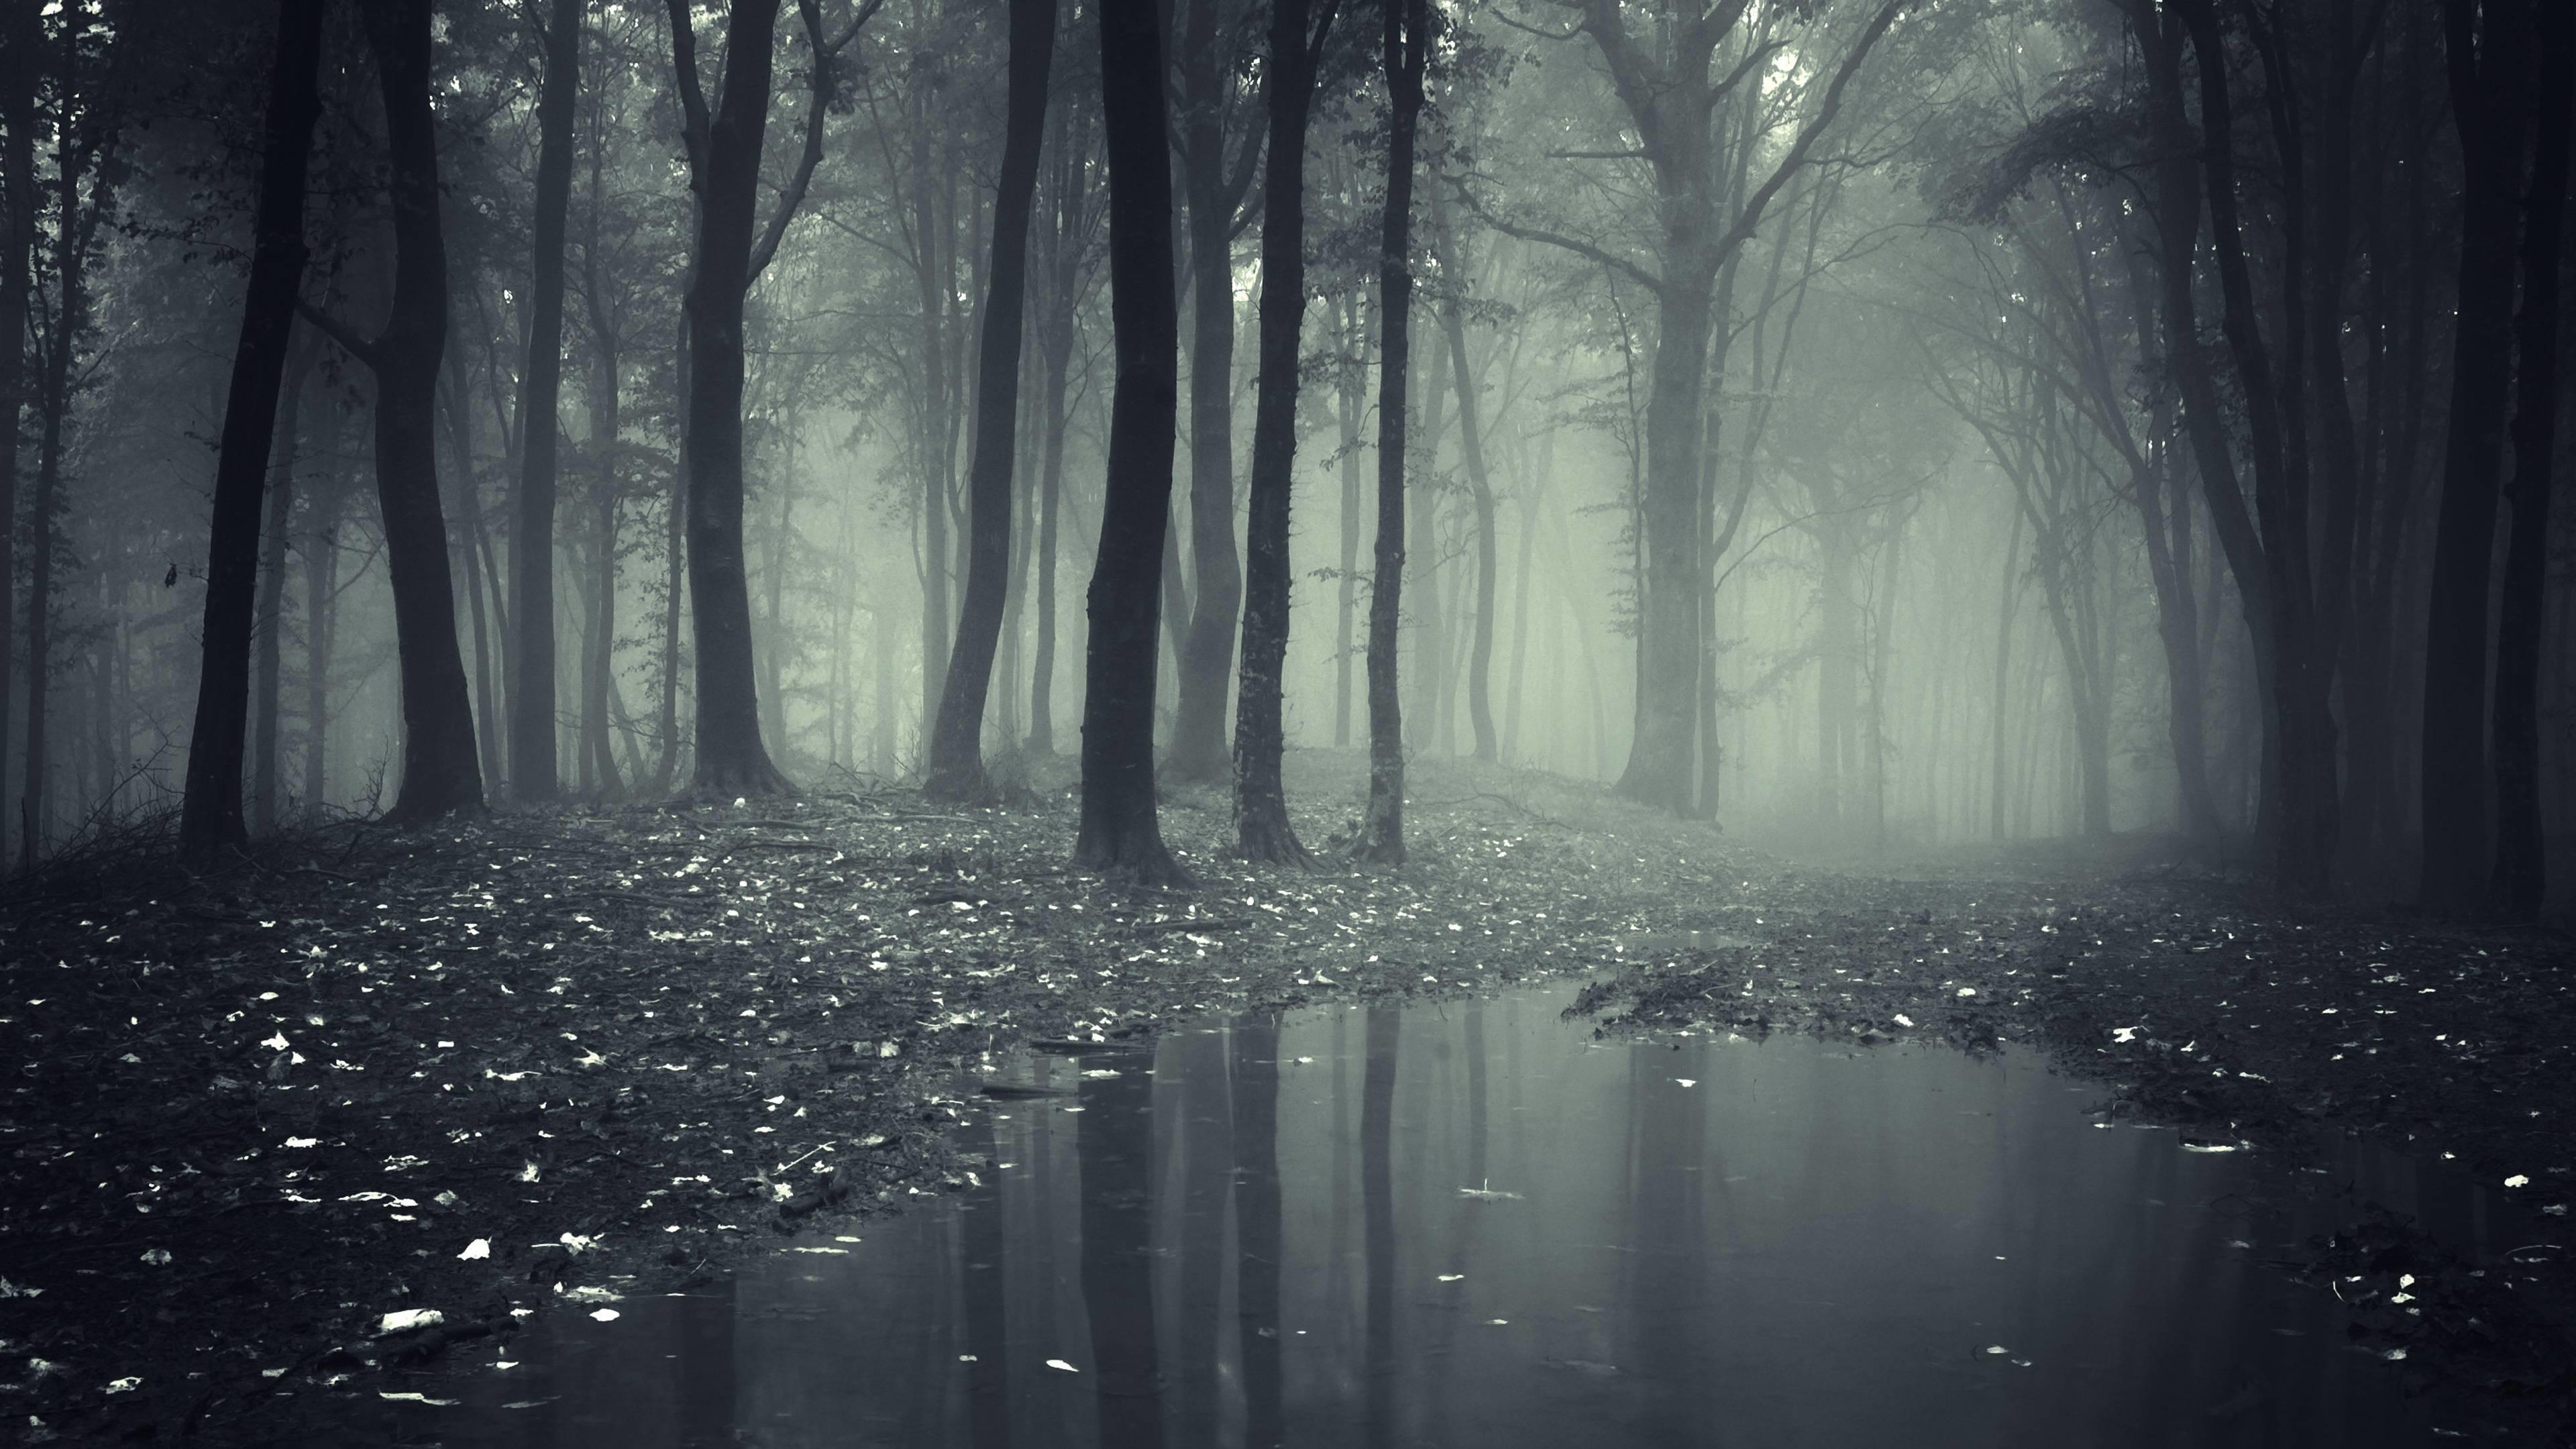 Картинка с темным лесом